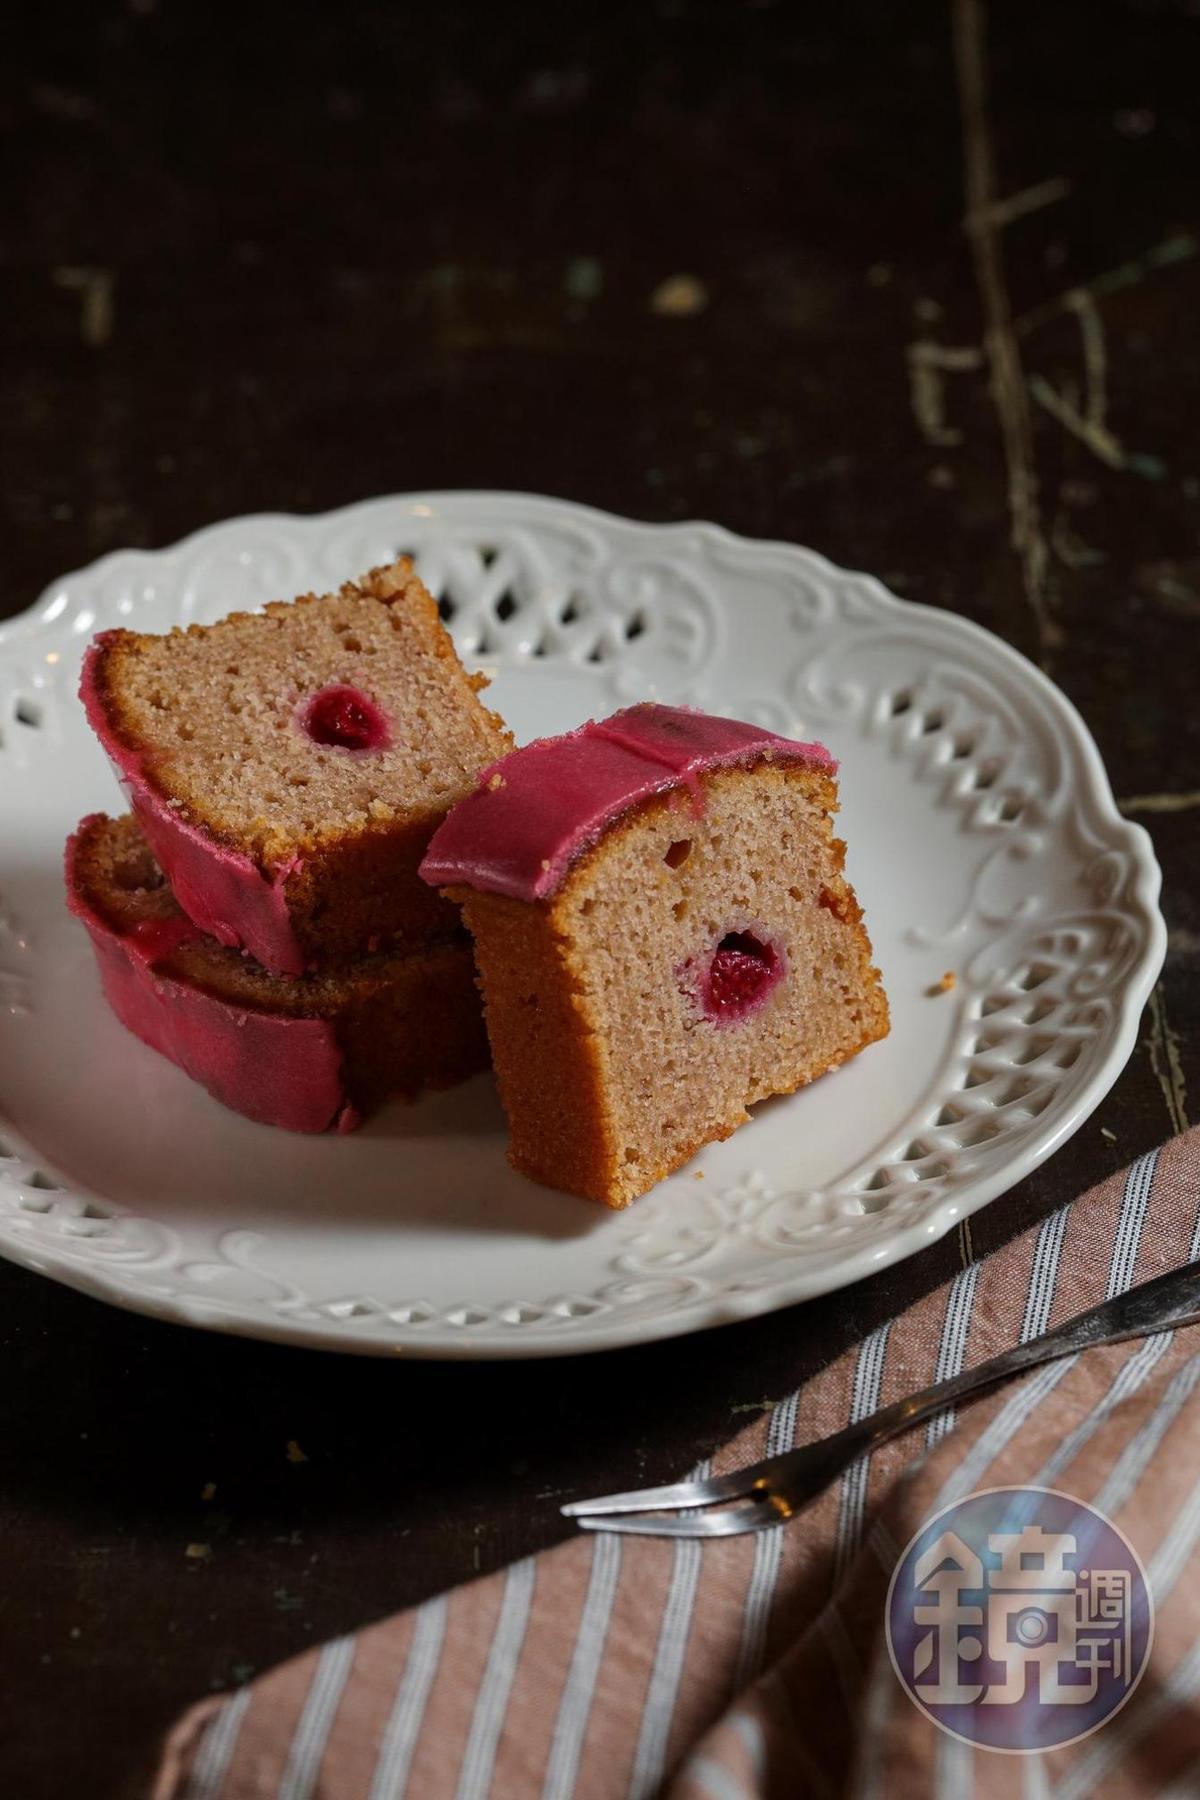 阿古說,所有的甜點都是他細心拆解所有食材結構,用做實驗方式微調口感細節做出來的。內裡有果醬的「覆盆子磅蛋糕」也是如此作法。(480元/條)